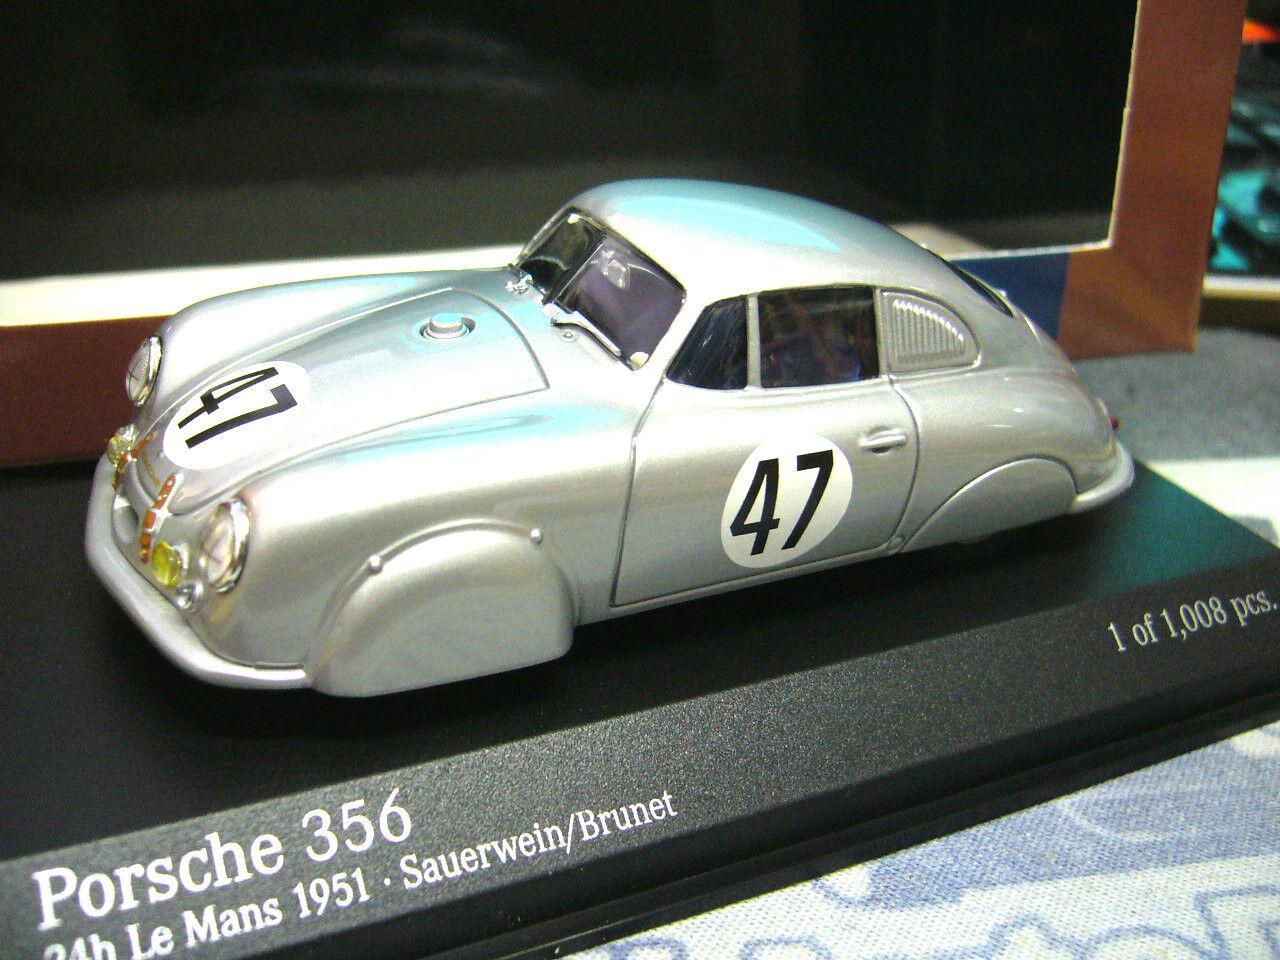 Porsche 356 le mans racing  47 alu métal léger coupe 1951 pma Minichamps 1 43